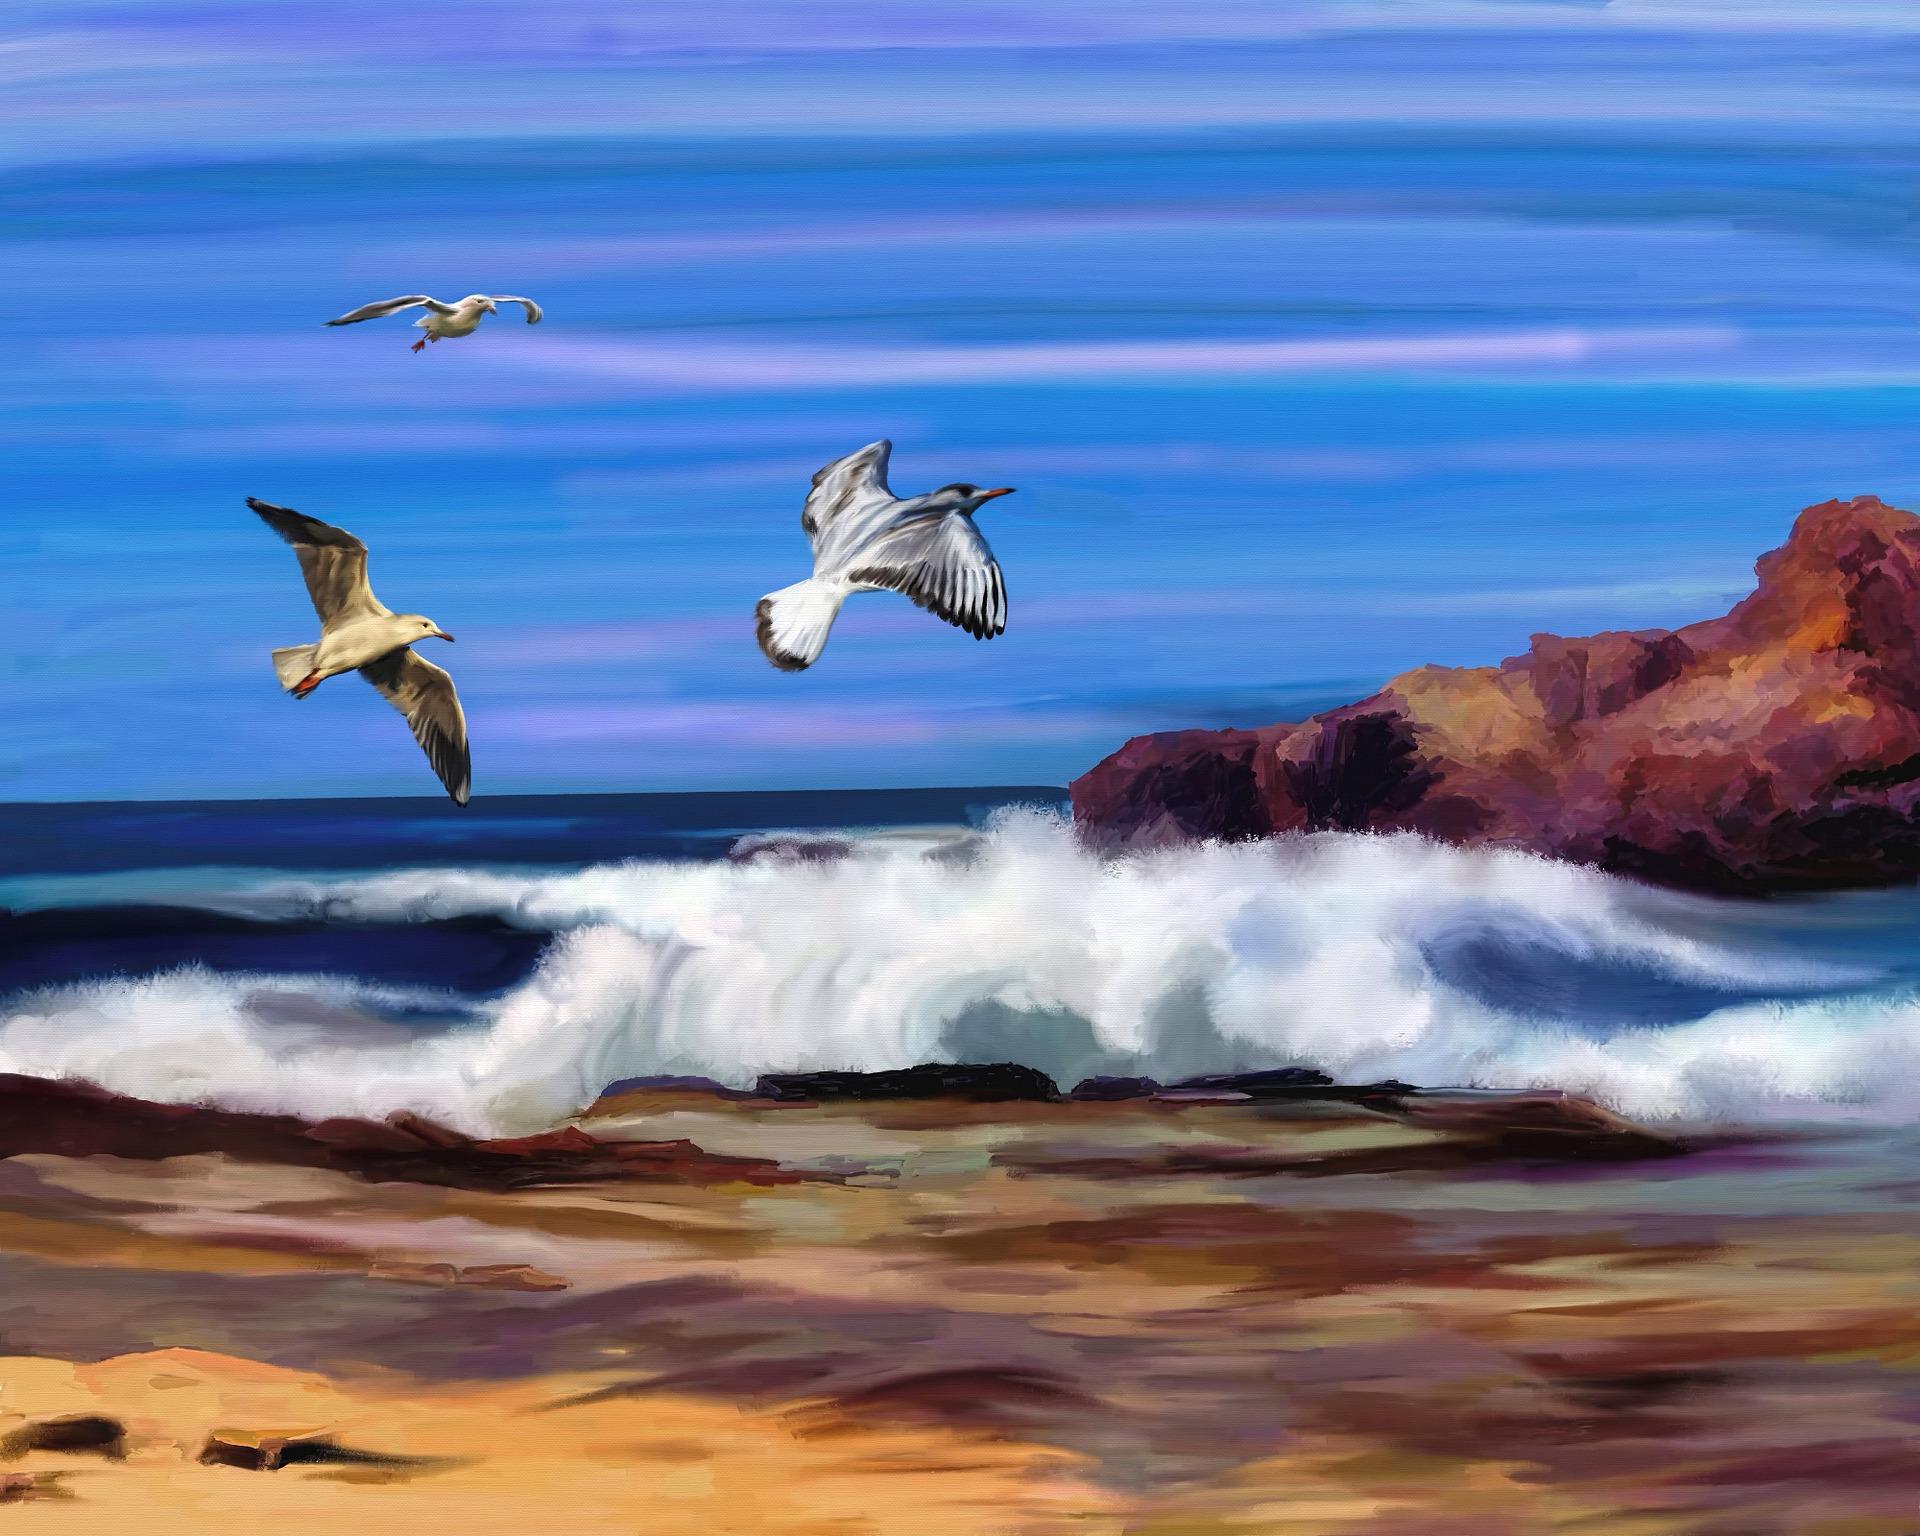 Beleggen in kunst oceaan